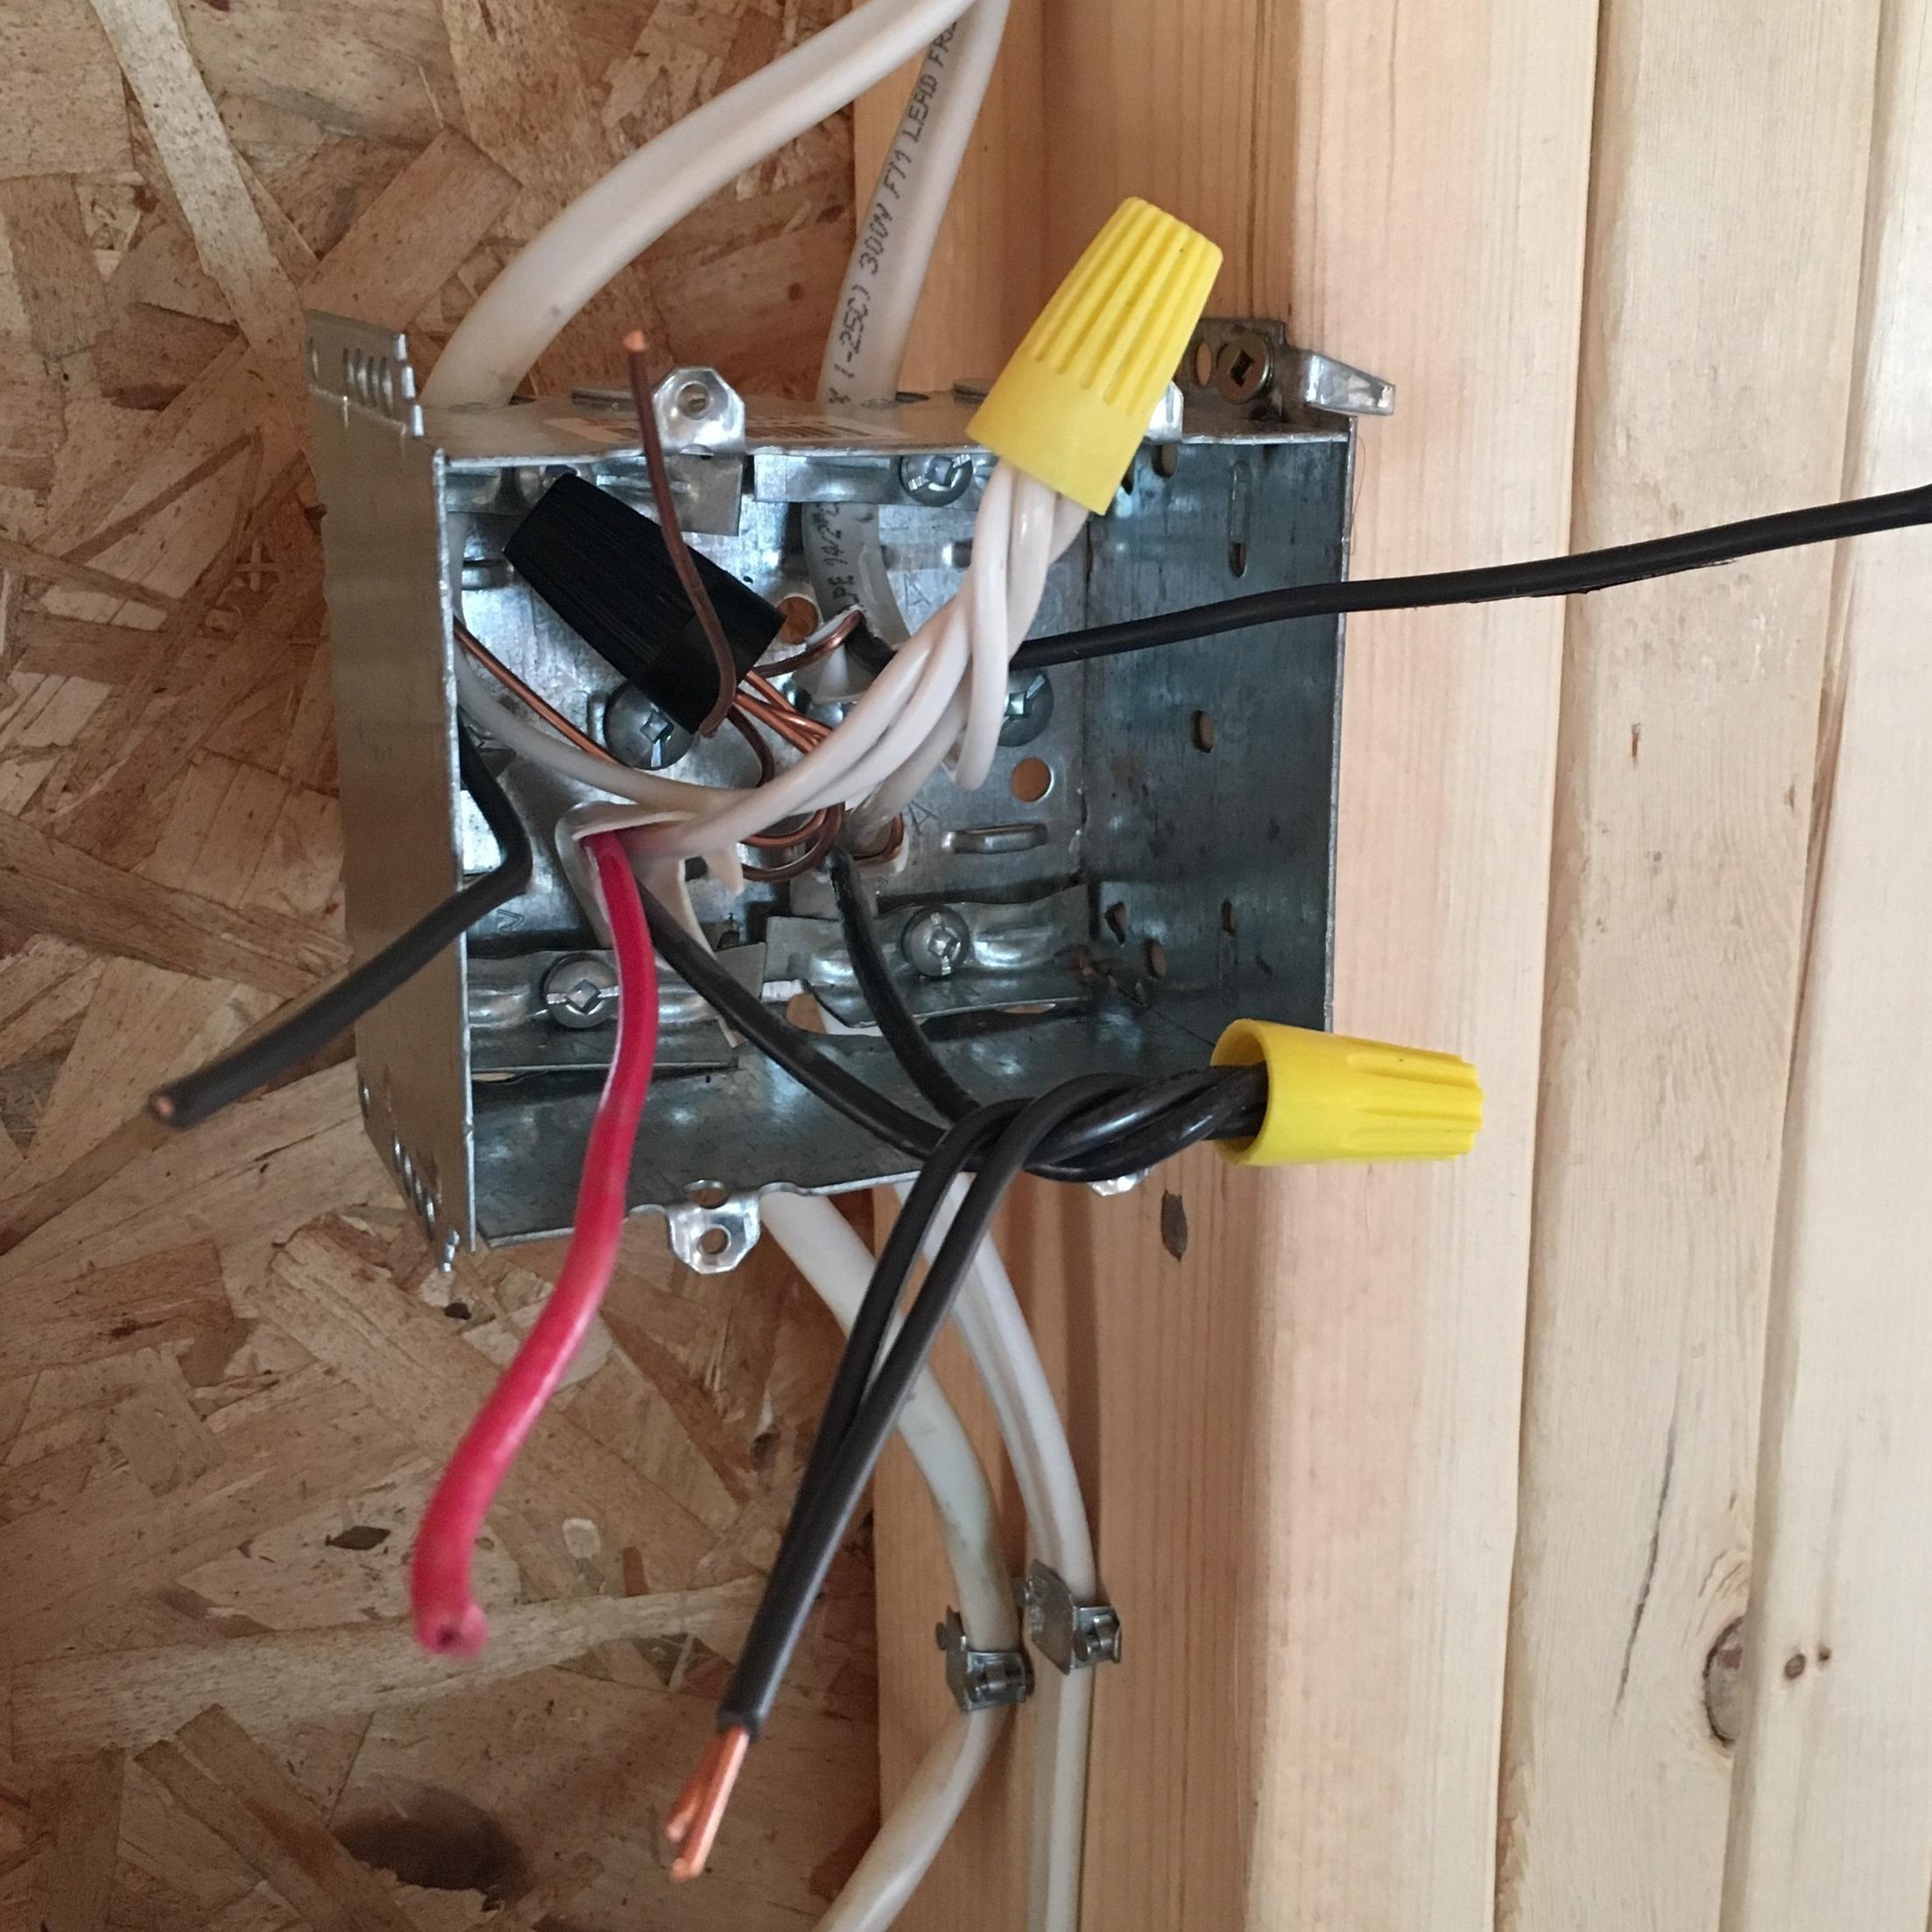 120V Outlet